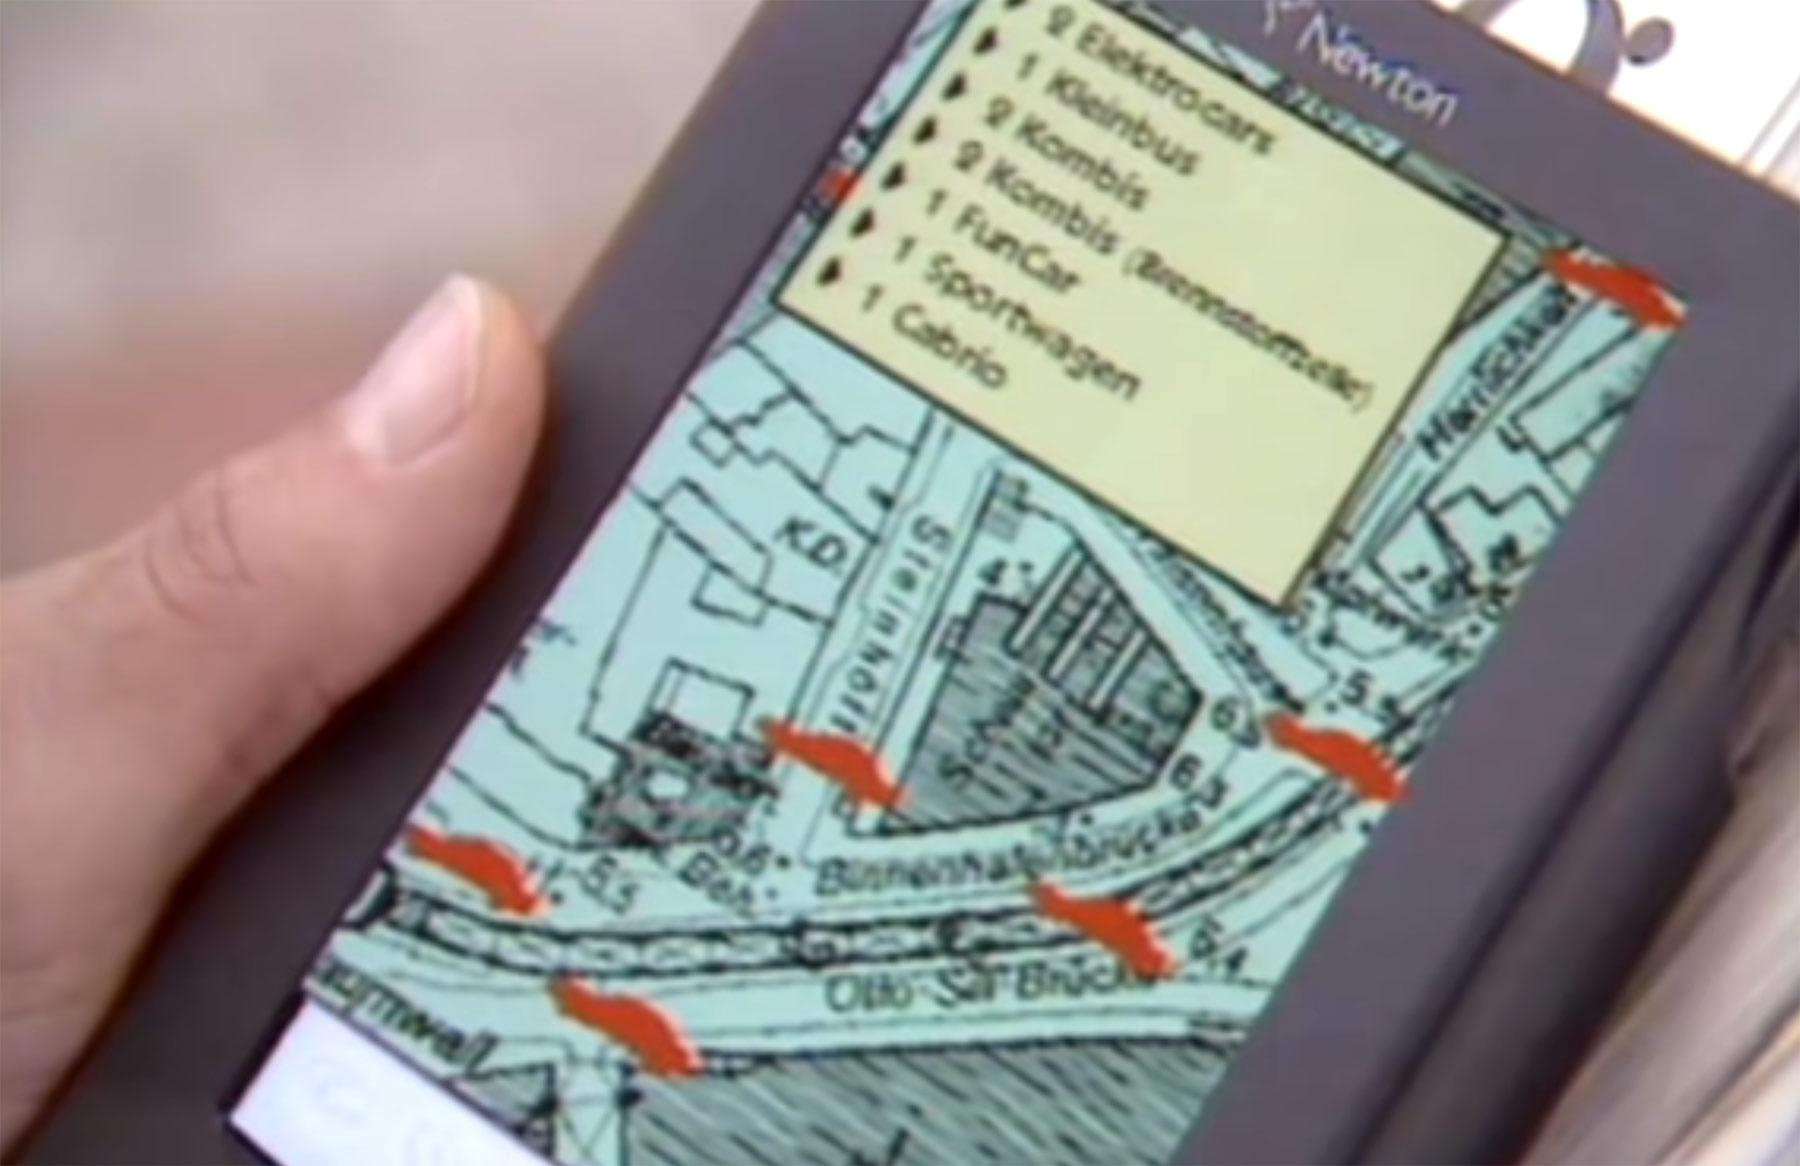 Zukunftsvision aus 1994: So stellte man sich Carsharing und Navigation vor 25-Jahre-alte-Zukunftsvision-zu-Carsharing-und-Navigation-per-Smartphone